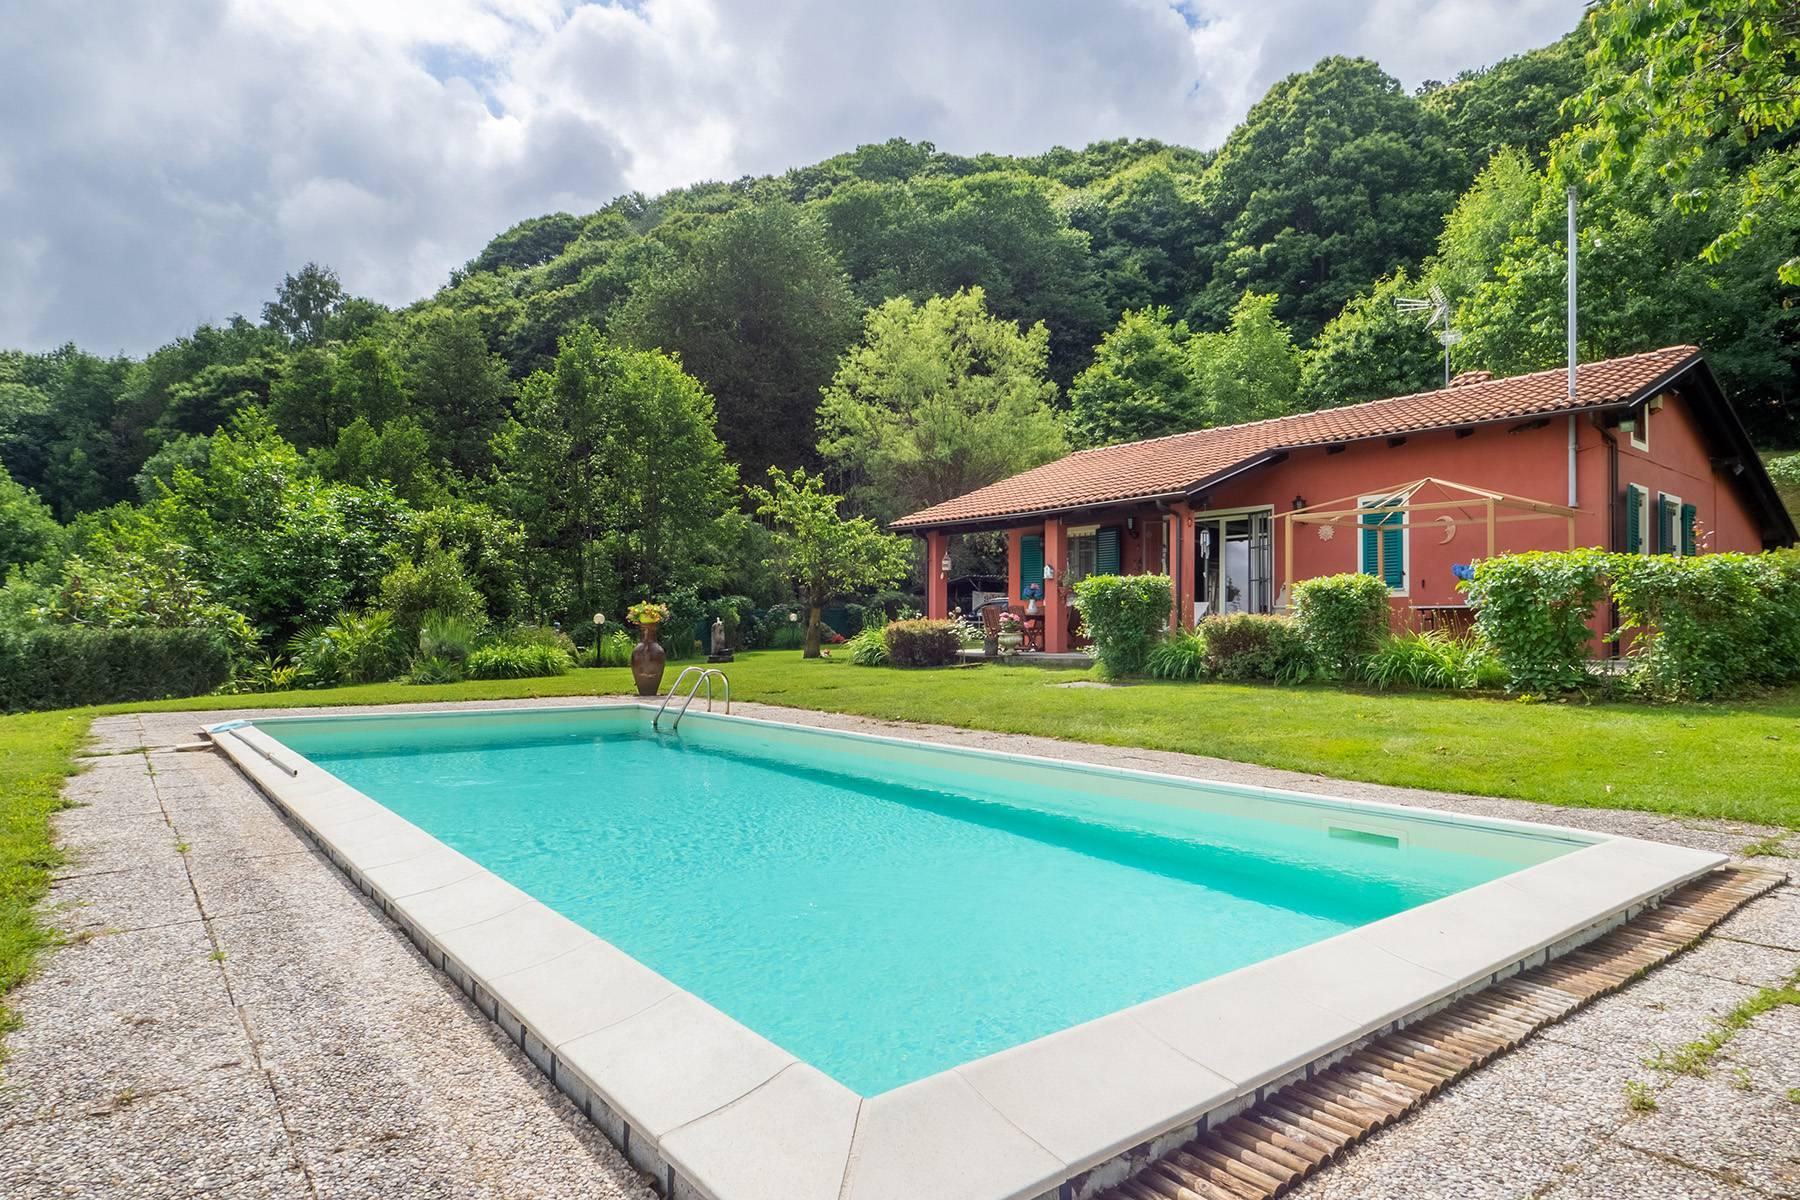 Casa indipendente in Vendita a Martiniana Po: 5 locali, 154 mq